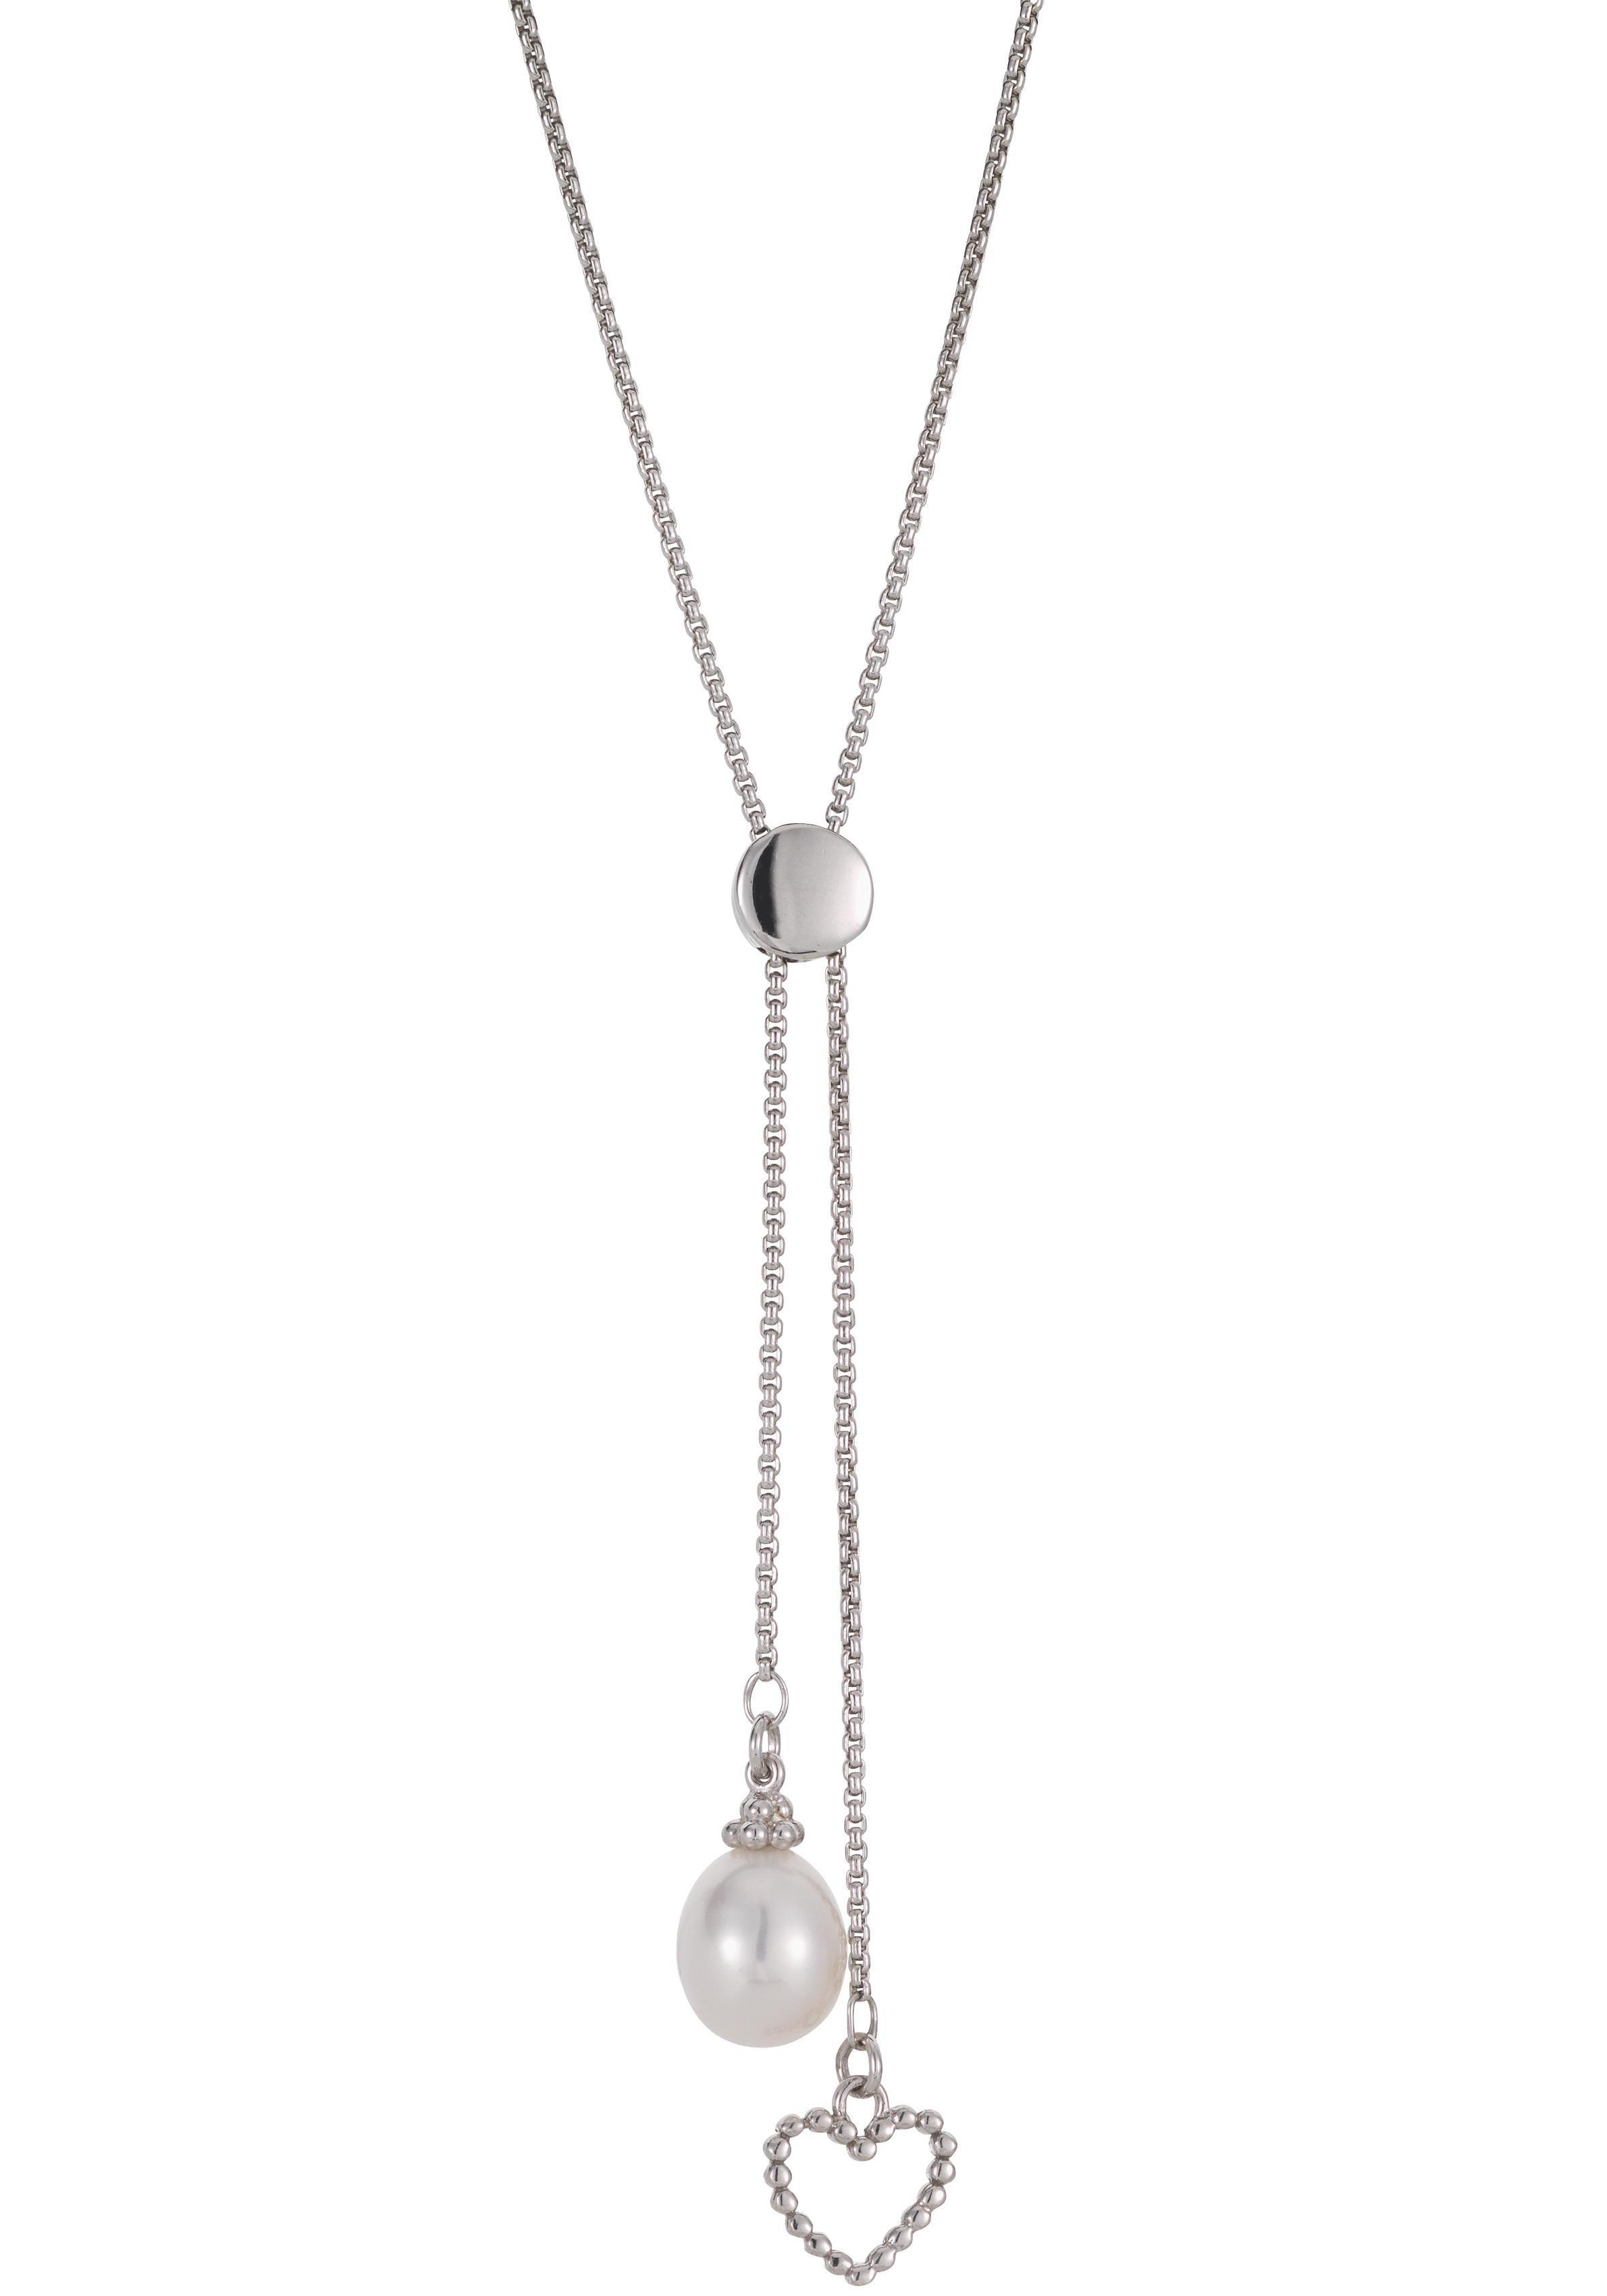 Adriana Kette mit Anhänger »Herz, A115« mit Süßwasserzuchtperle | Schmuck > Halsketten > Herzketten | Silber | Adriana